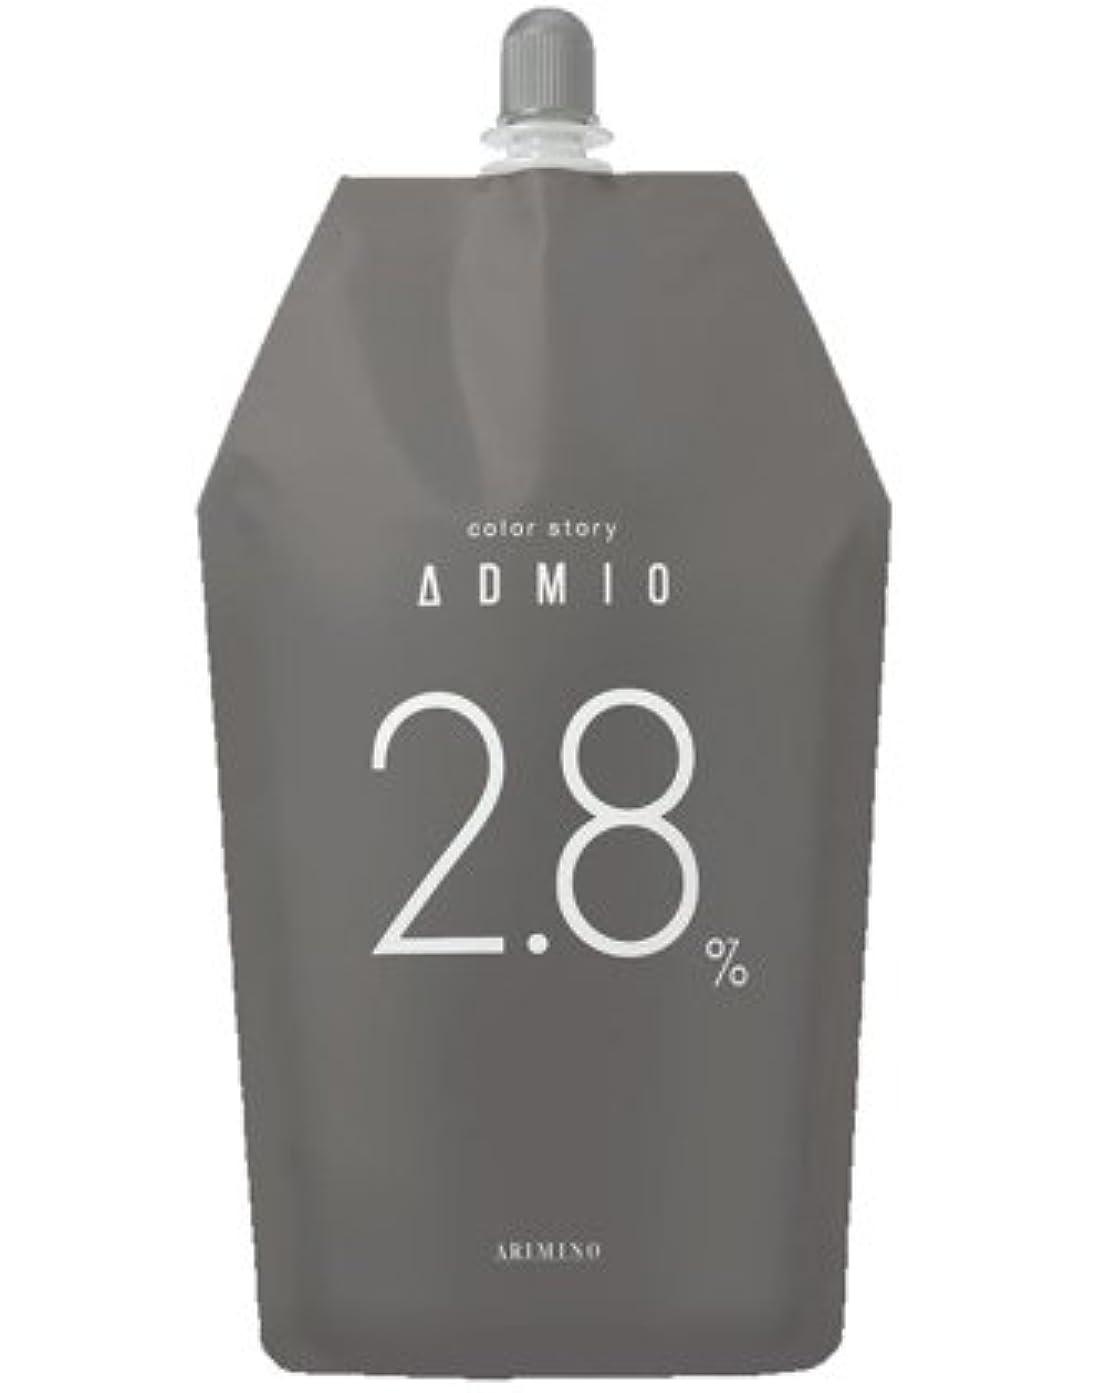 爵野心的活性化する【アリミノ】カラーストーリー アドミオ OX 2.8% 1000ml